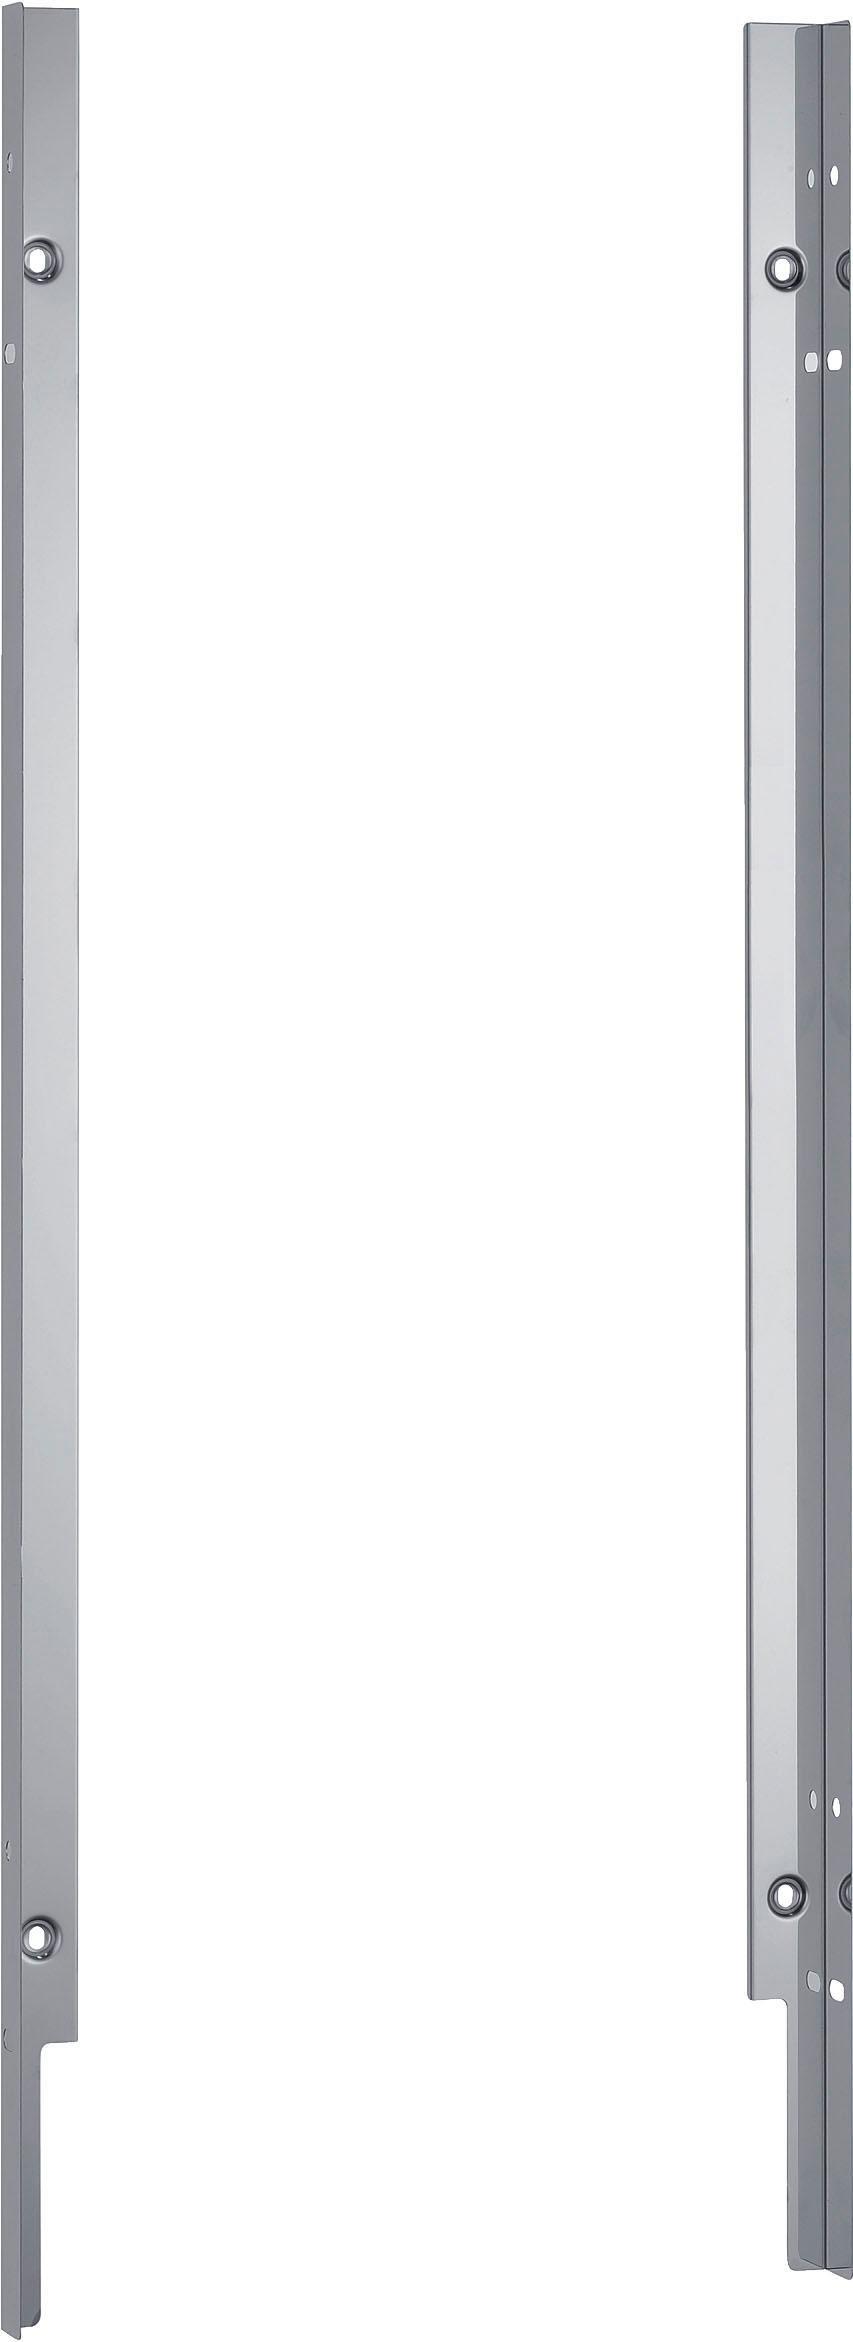 BOSCH opvulstrip SMZ5007 86,5 cm goedkoop op otto.nl kopen